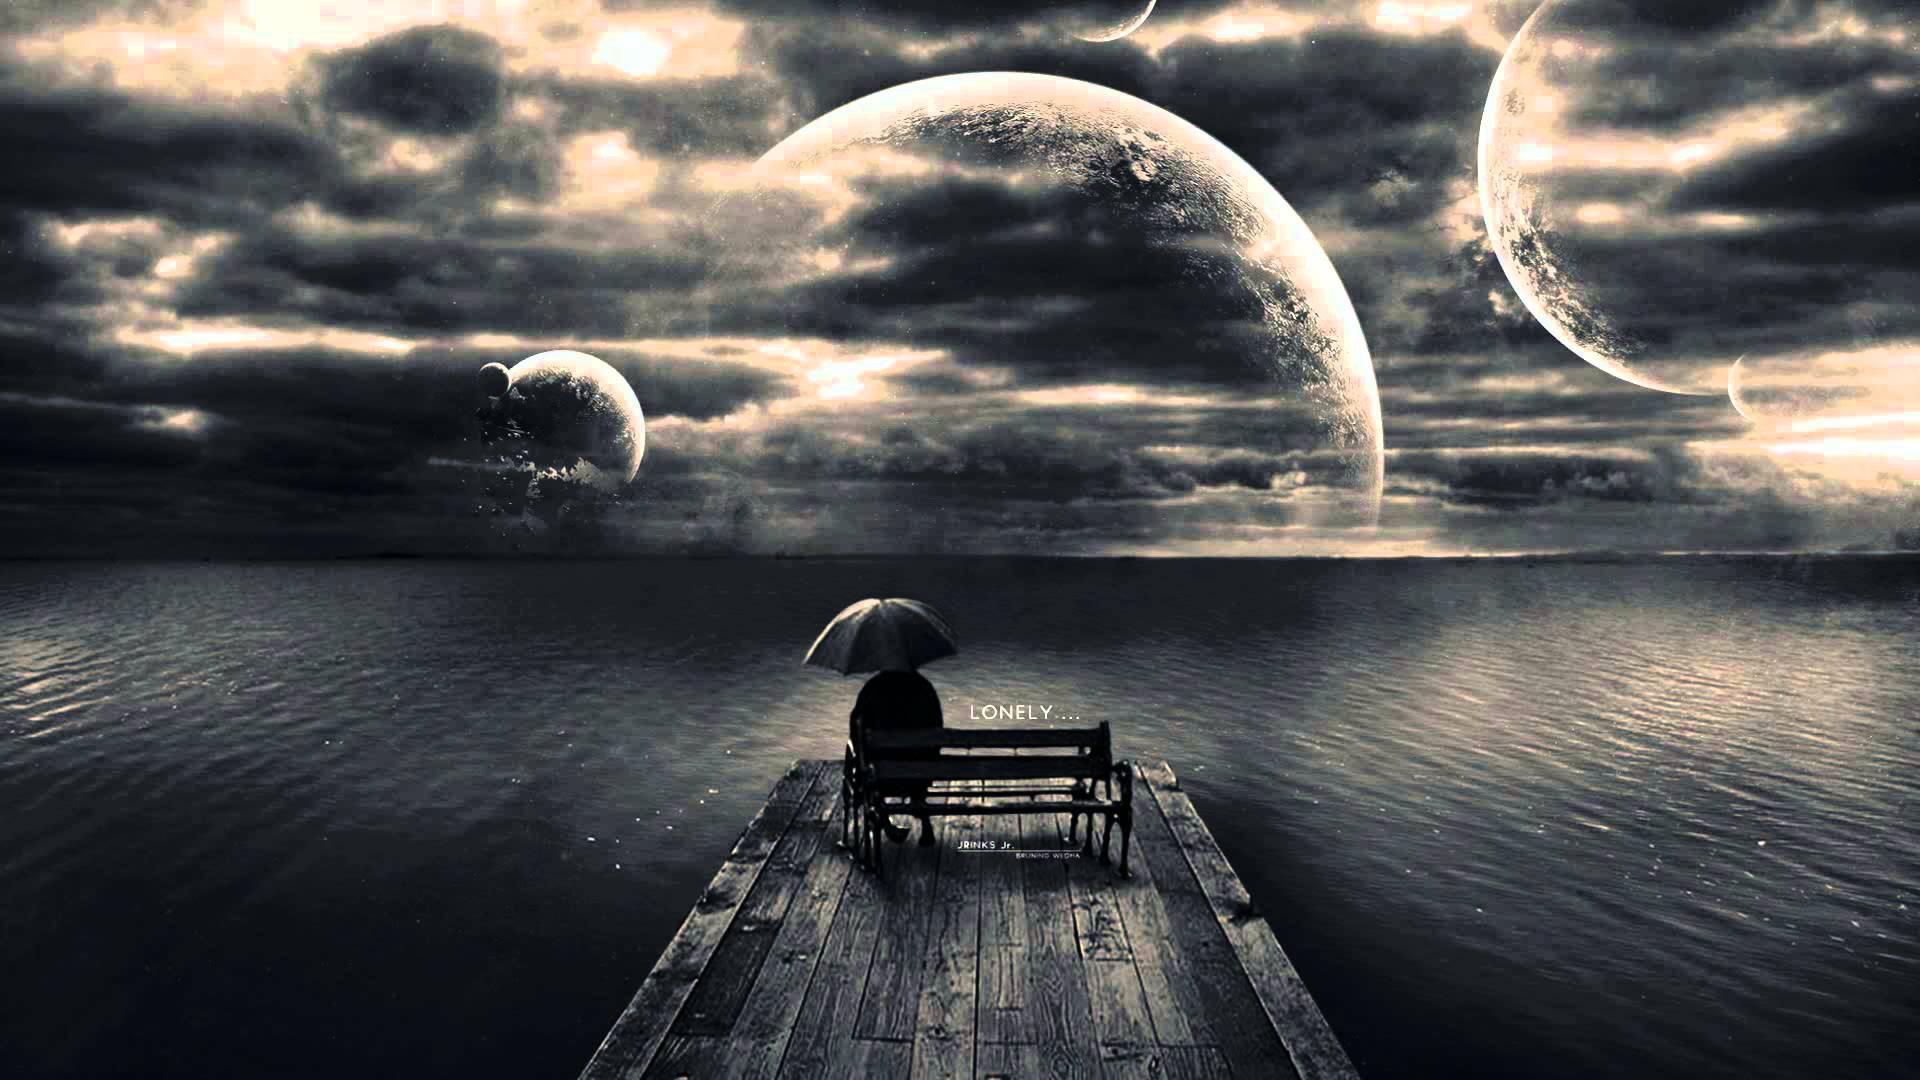 Hình nền cô đơn một mình ngồi đó giữa thế giới